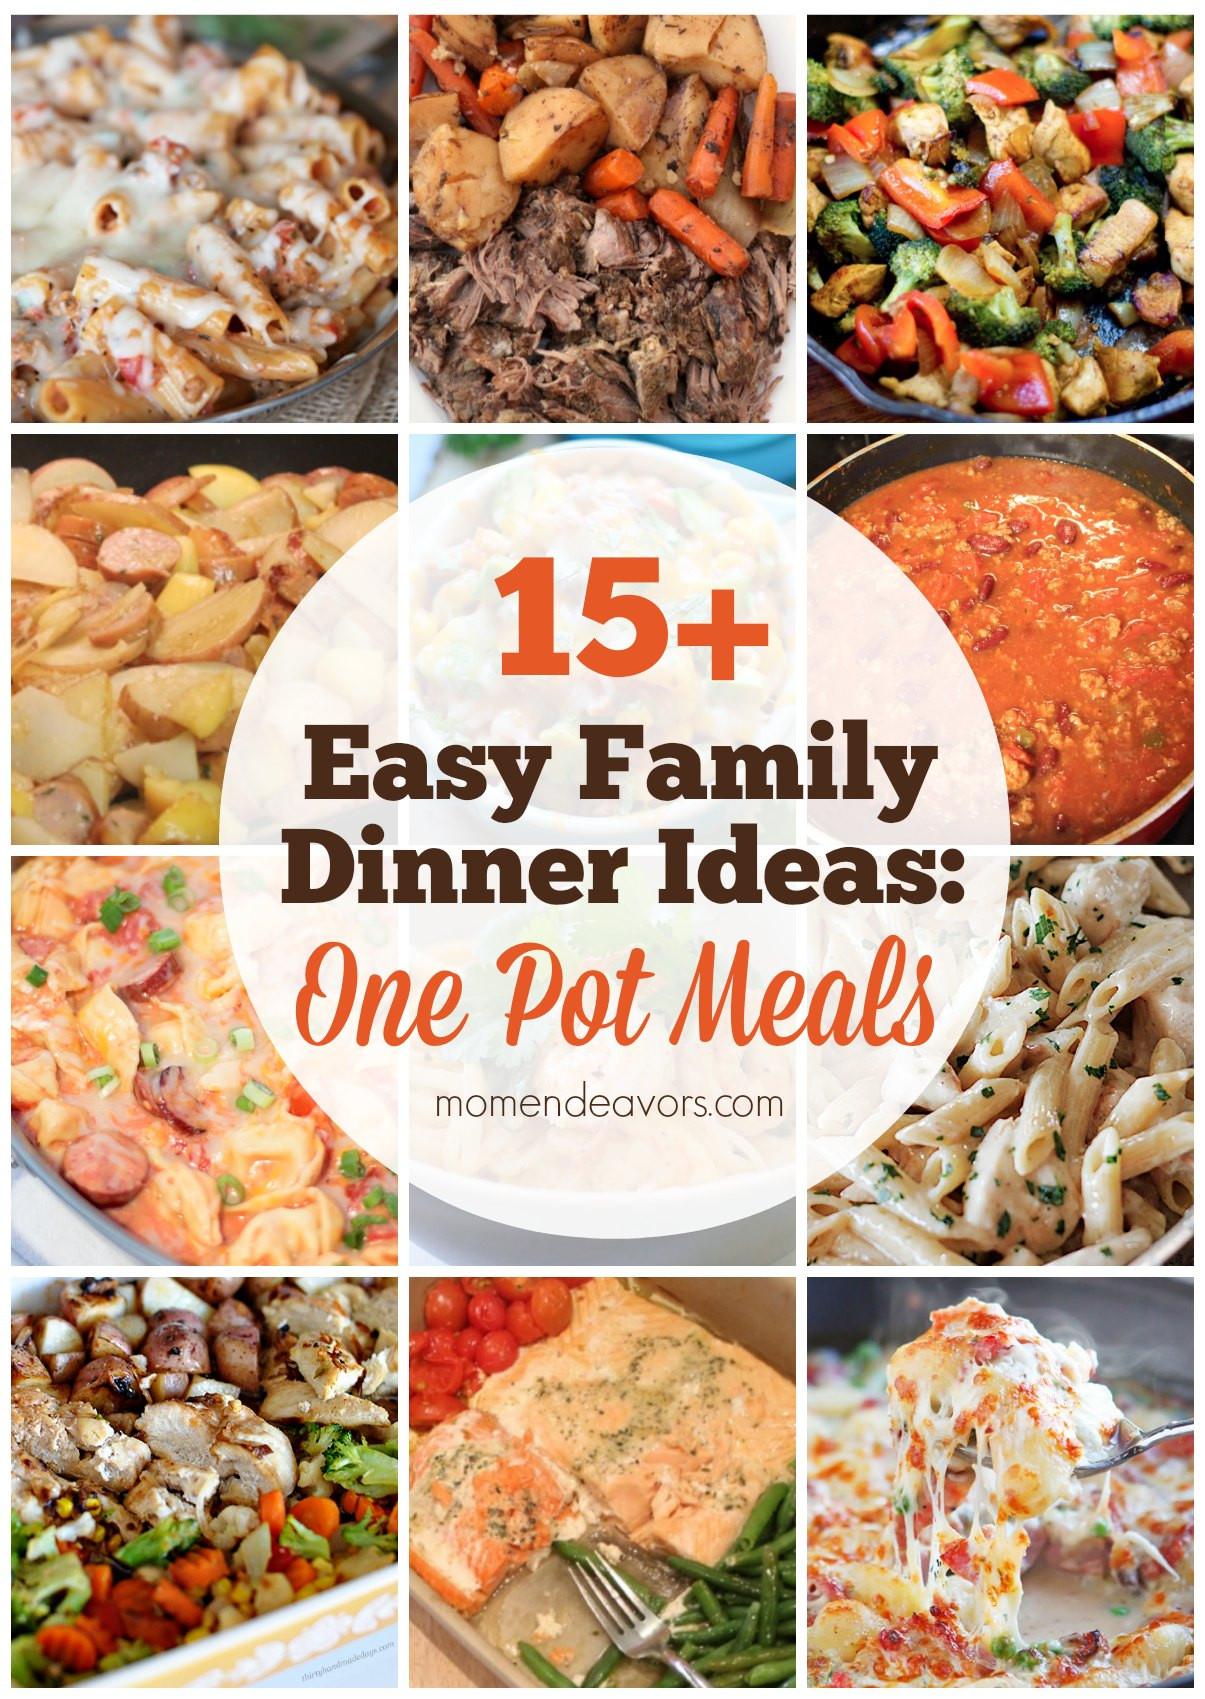 Easy Dinners Ideas For Family  15 Easy e Pot Family Dinners